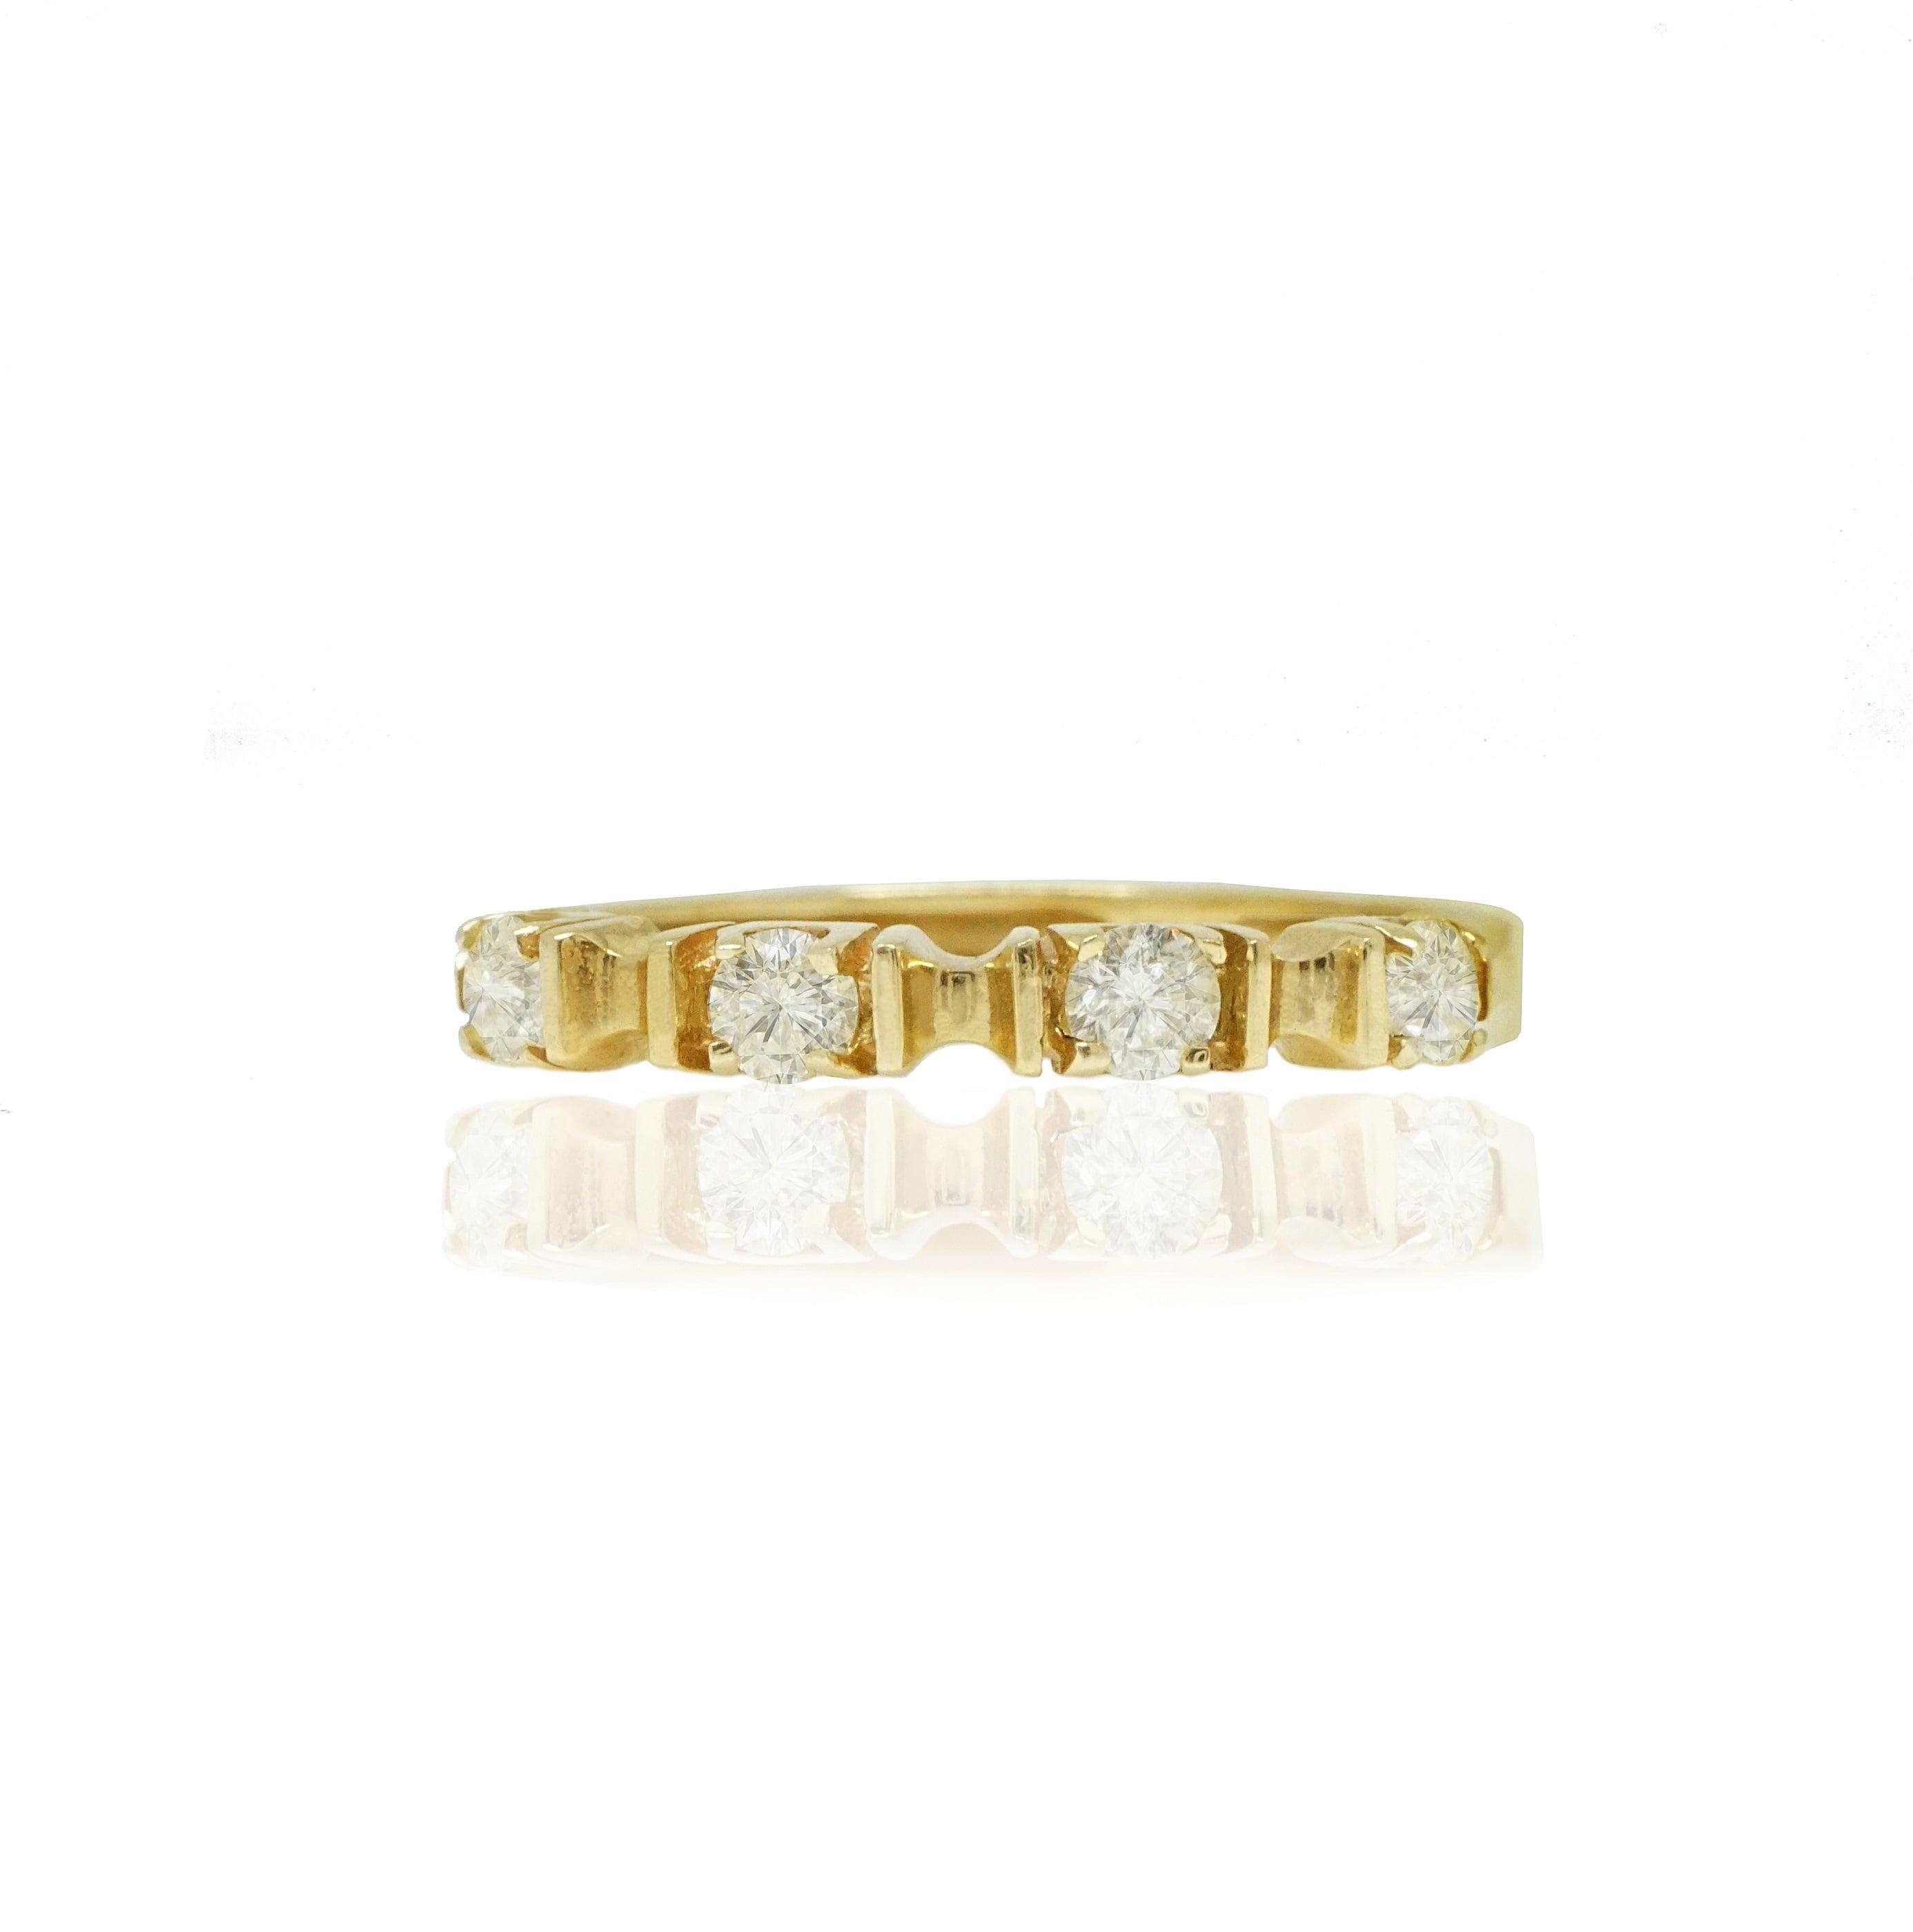 טבעת זהב 4 אבנים יפהפייה עם יהלומים 0.40 קראט